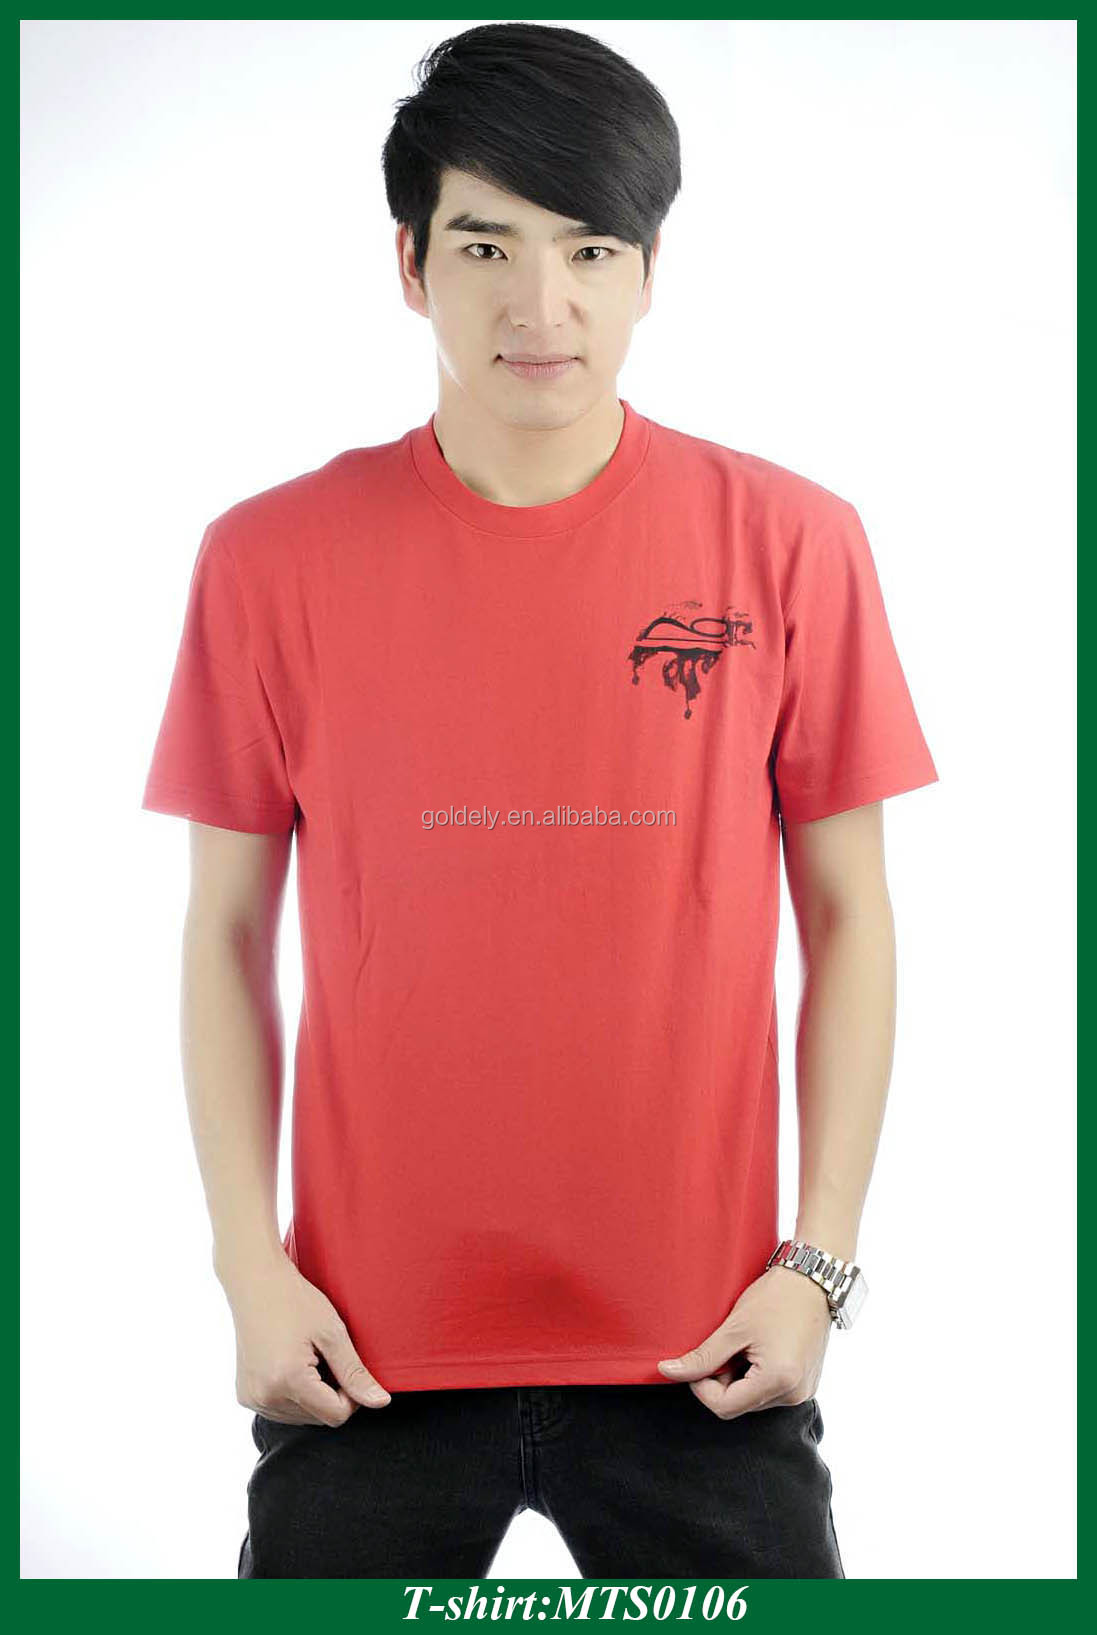 tshirt-102.jpg